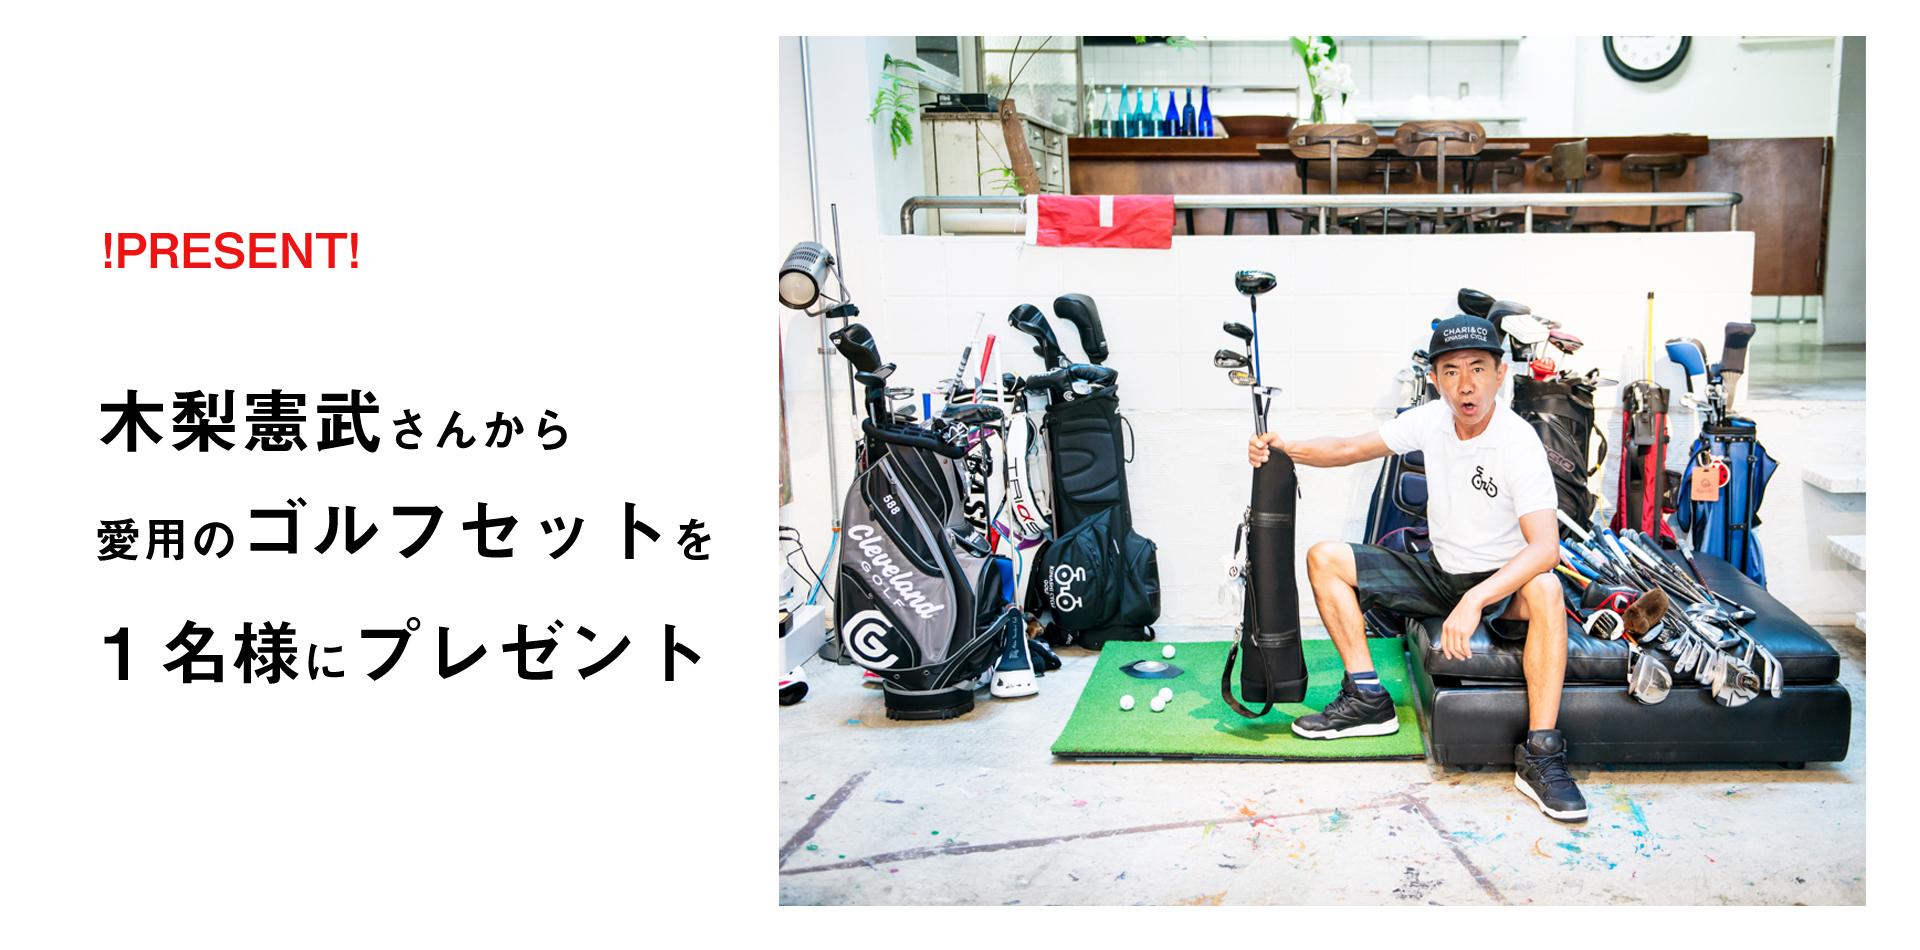 木梨憲武さんからゴルフセットをプレゼント!